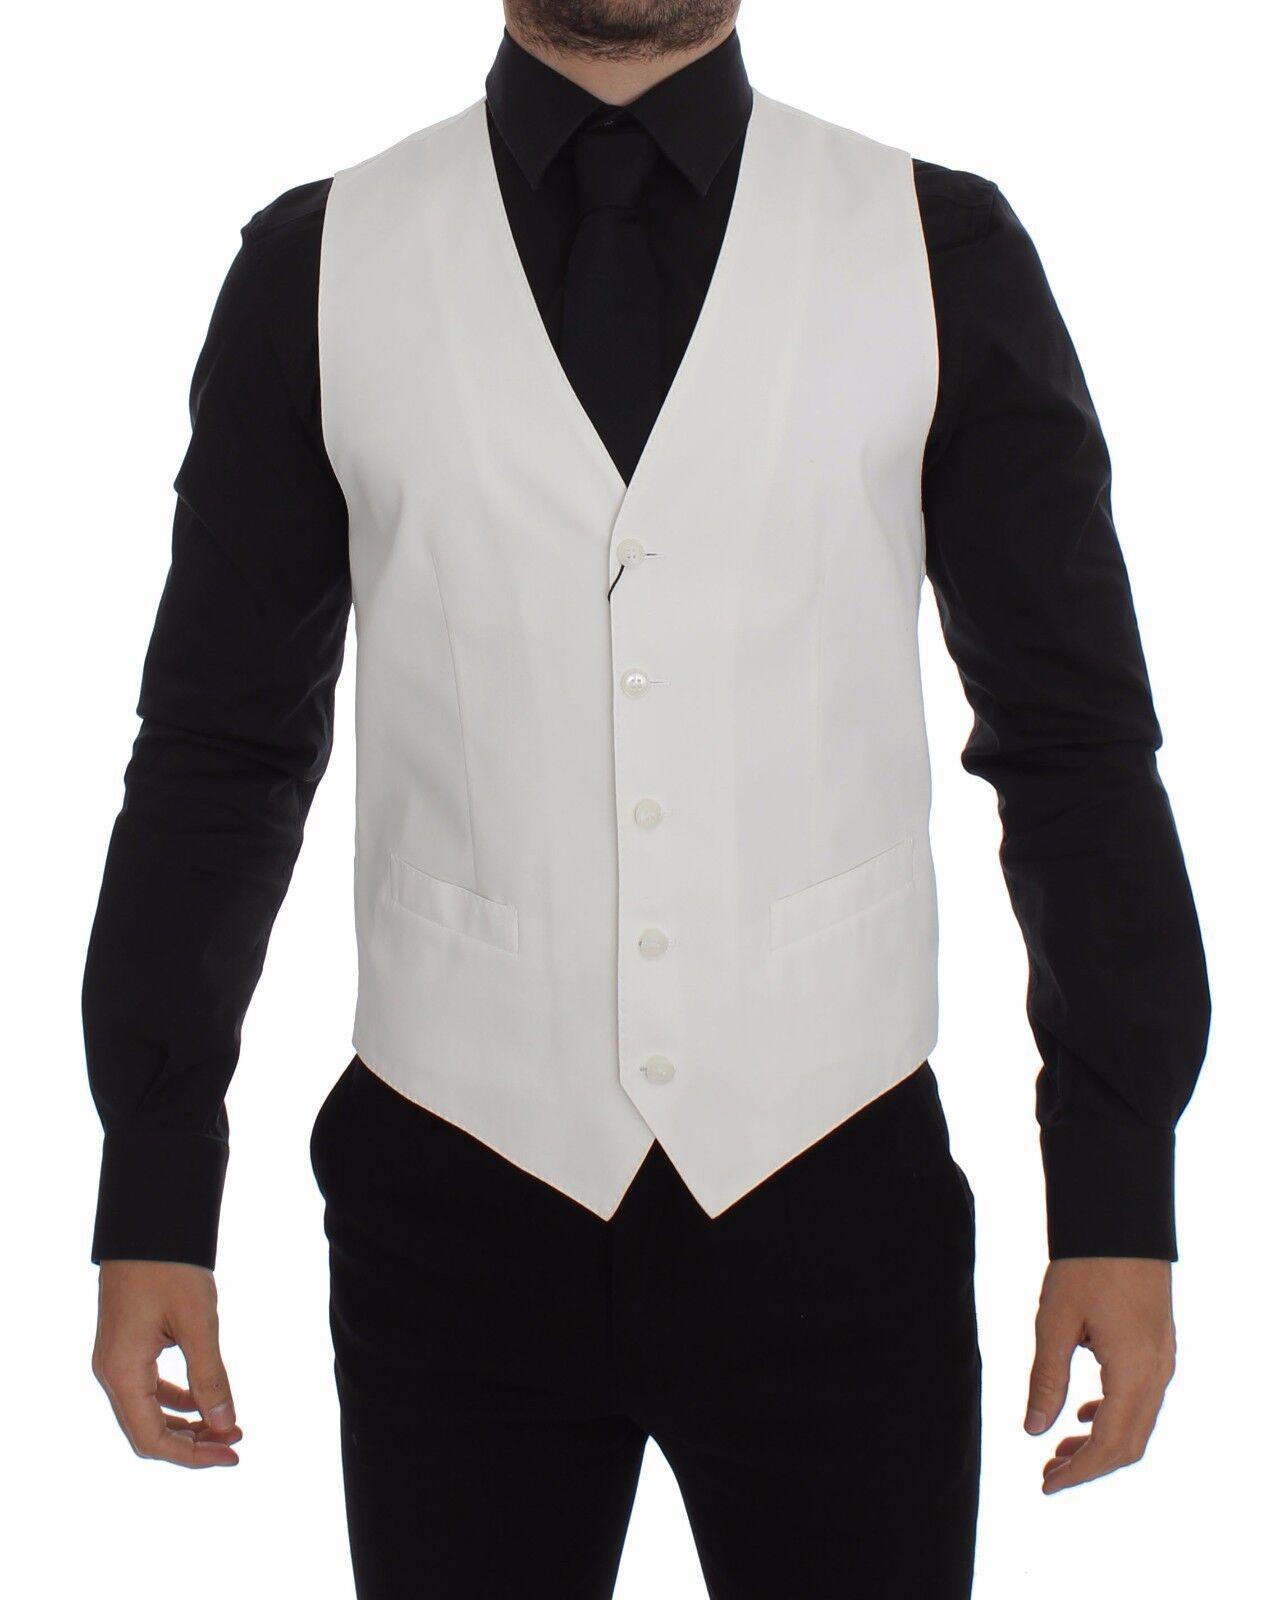 Nuevo Dolce & Gabbana Algodón Blanco Mezcla de Seda Chaleco Vestido Chaqueta